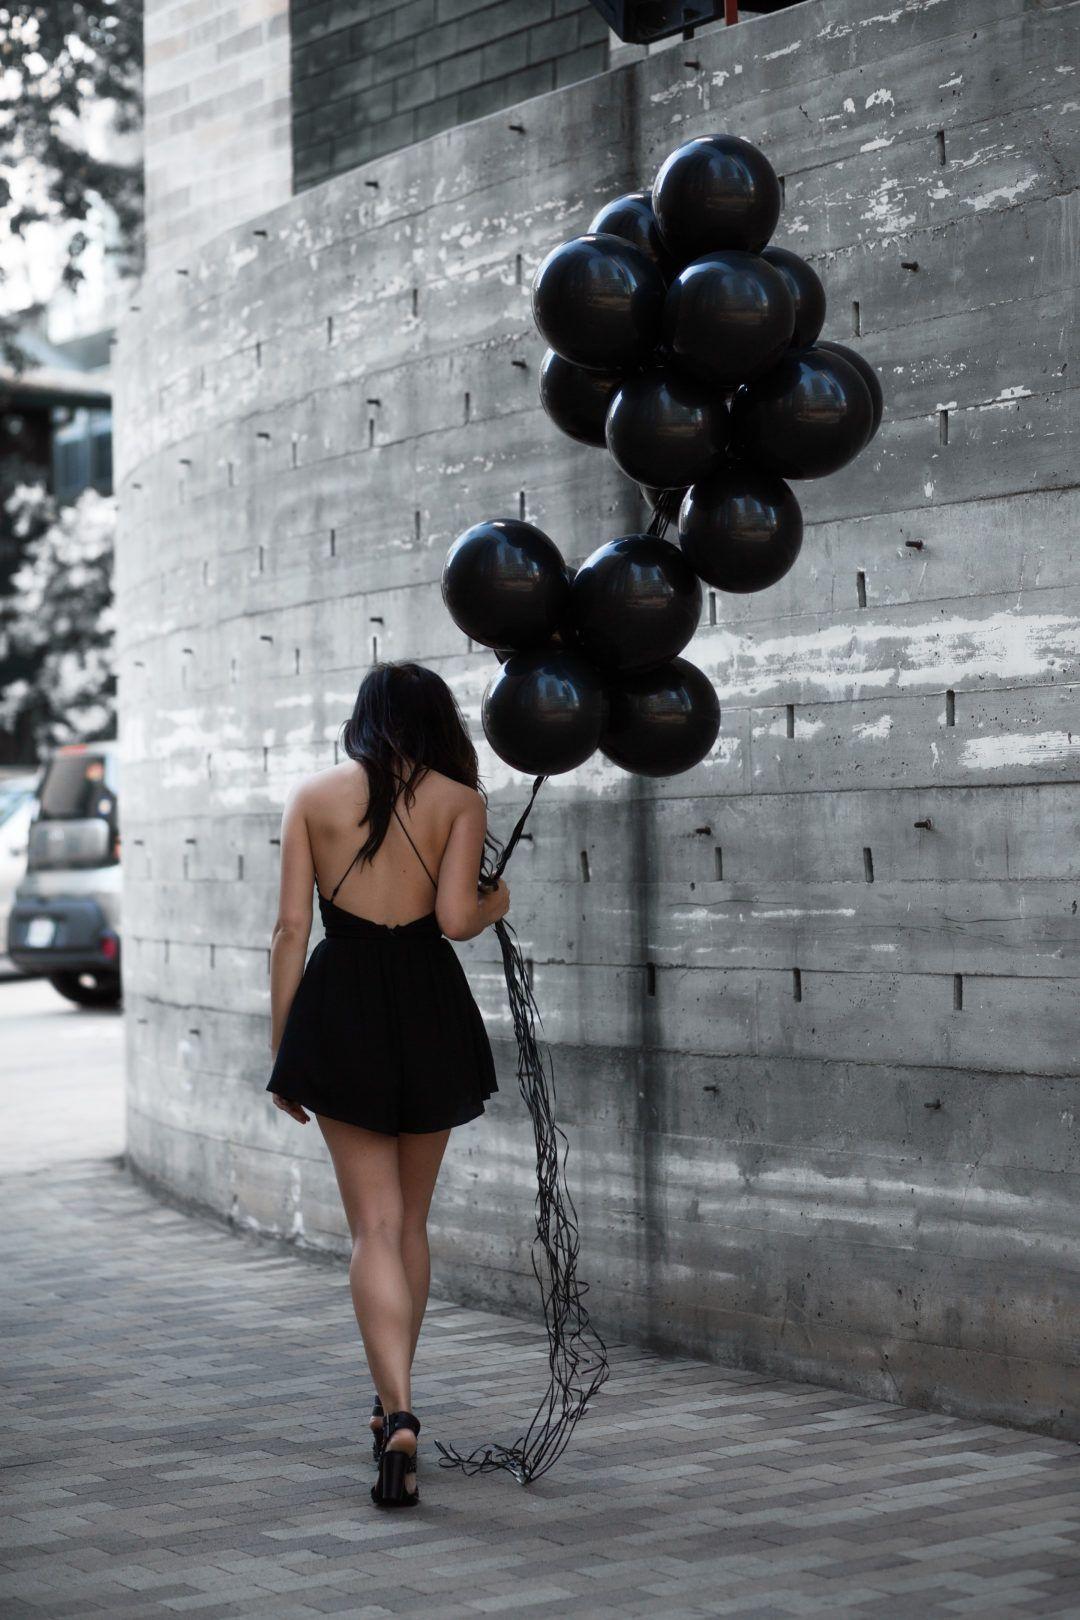 Black Balloon Photoshoot White Grey And